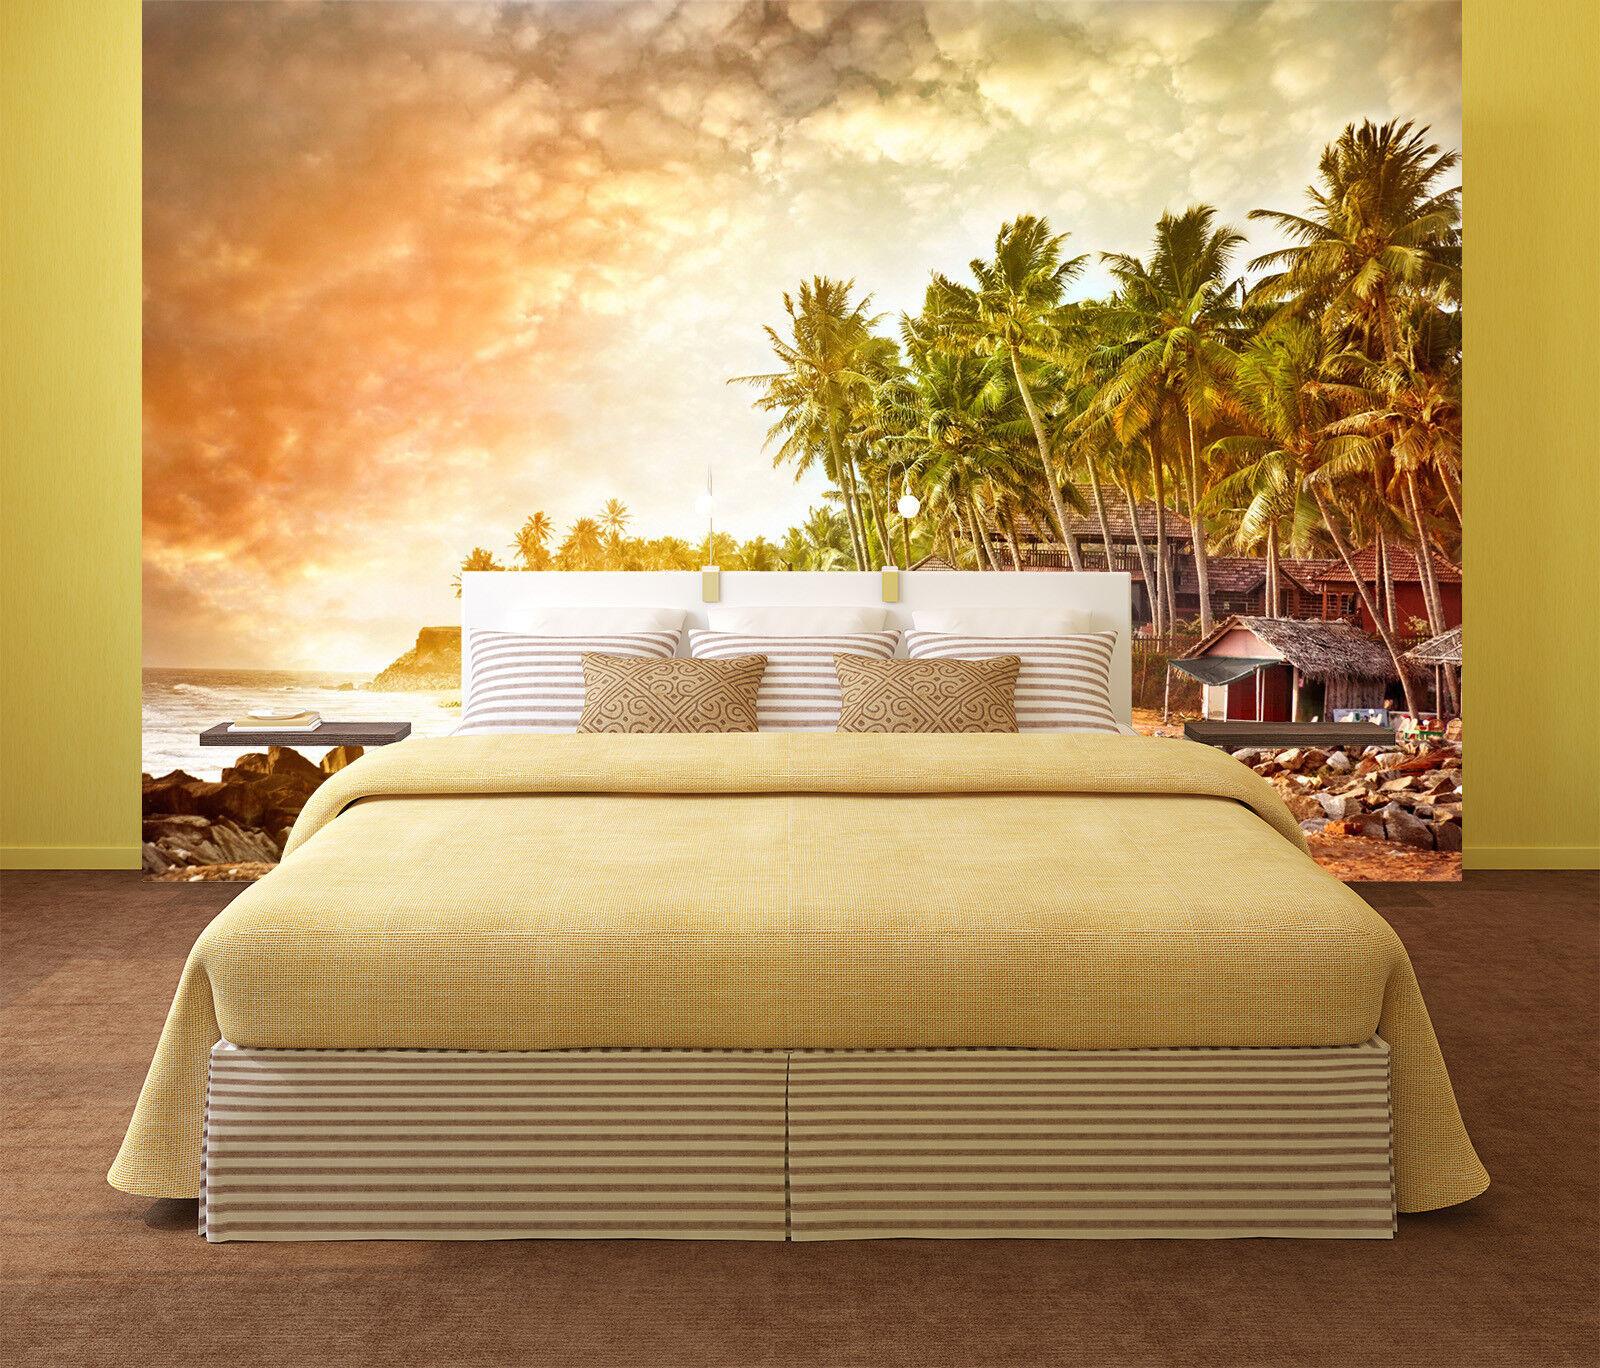 3D Sonnenschein Insel Coco 8393 Tapete Wandgemälde Tapeten Bild Familie Familie Familie DE Lemon | Wir haben von unseren Kunden Lob erhalten.  | Good Design  |  cd8133